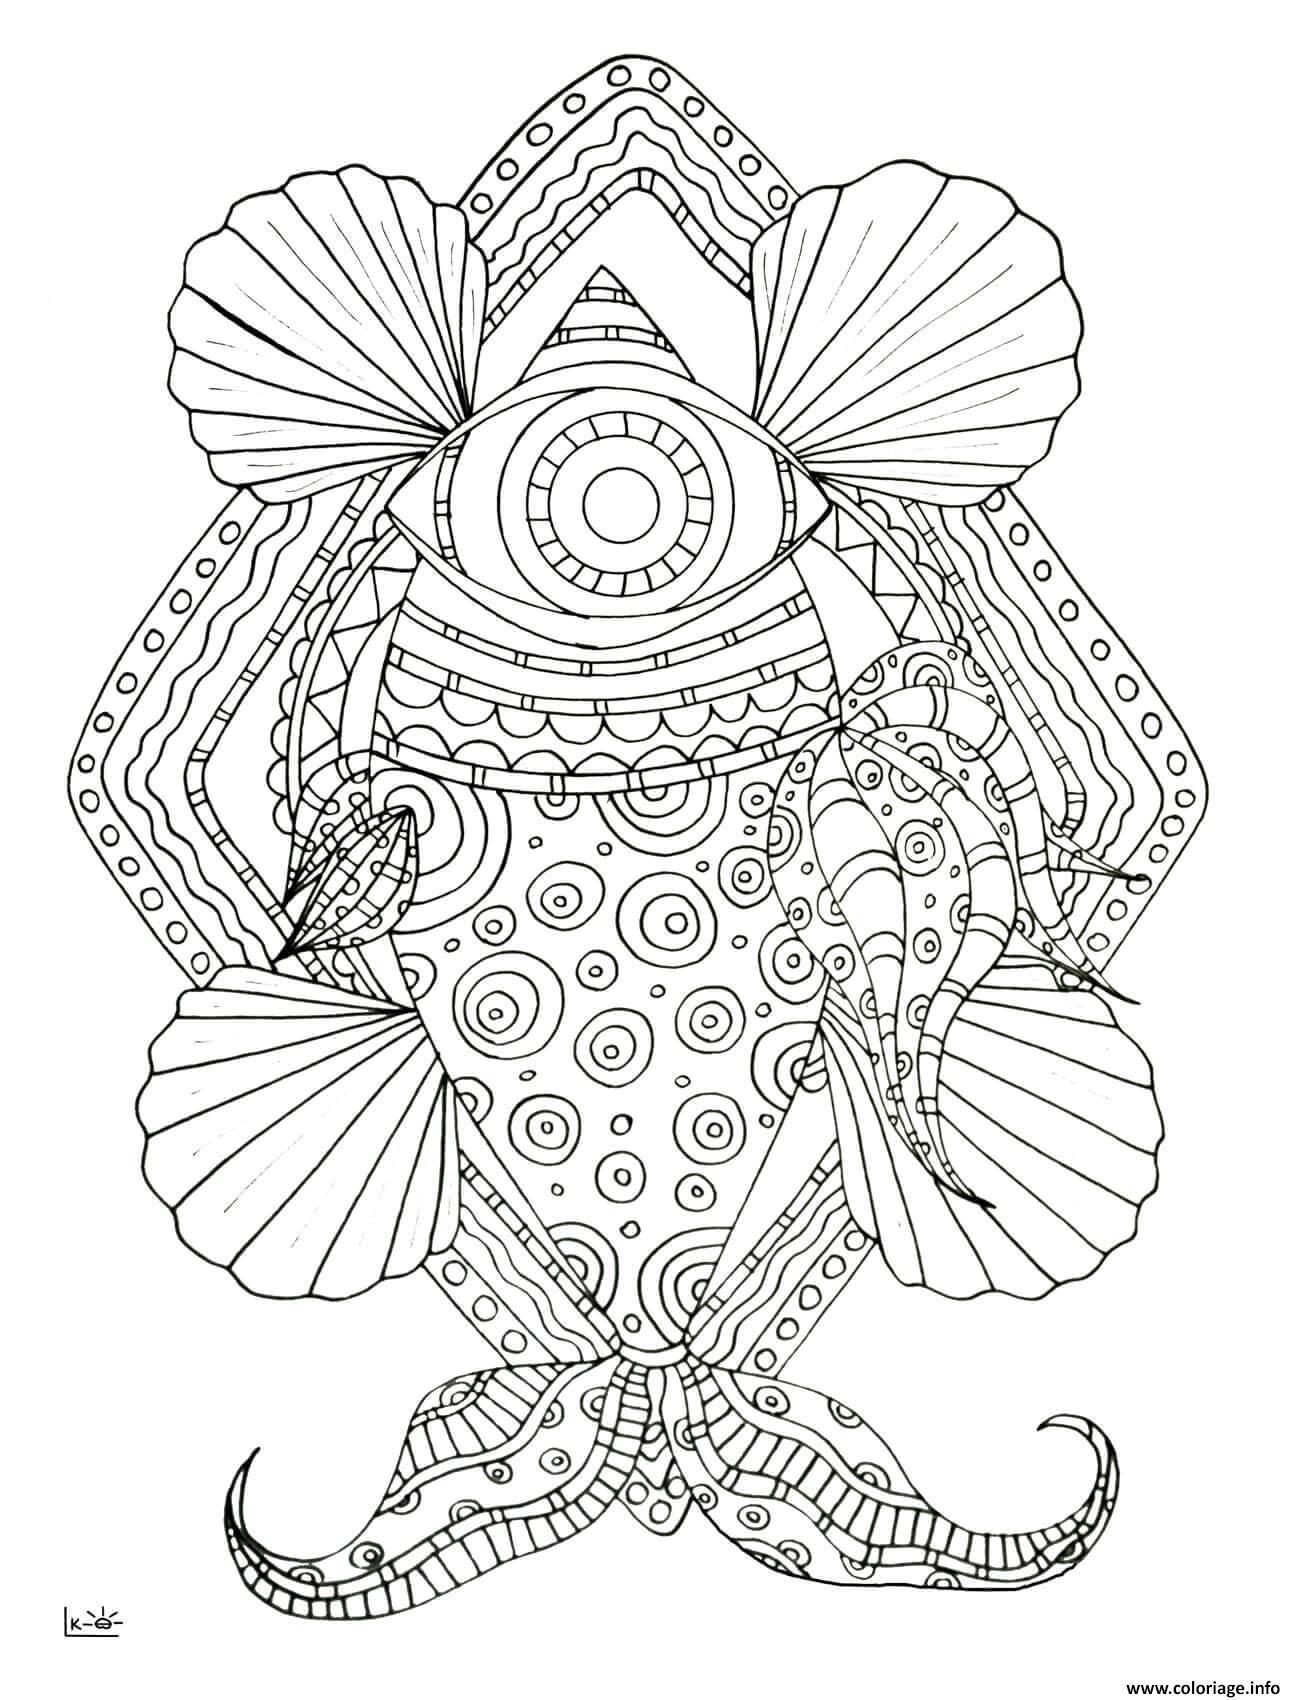 Dessin fish with tribal pattern adulte Coloriage Gratuit à Imprimer